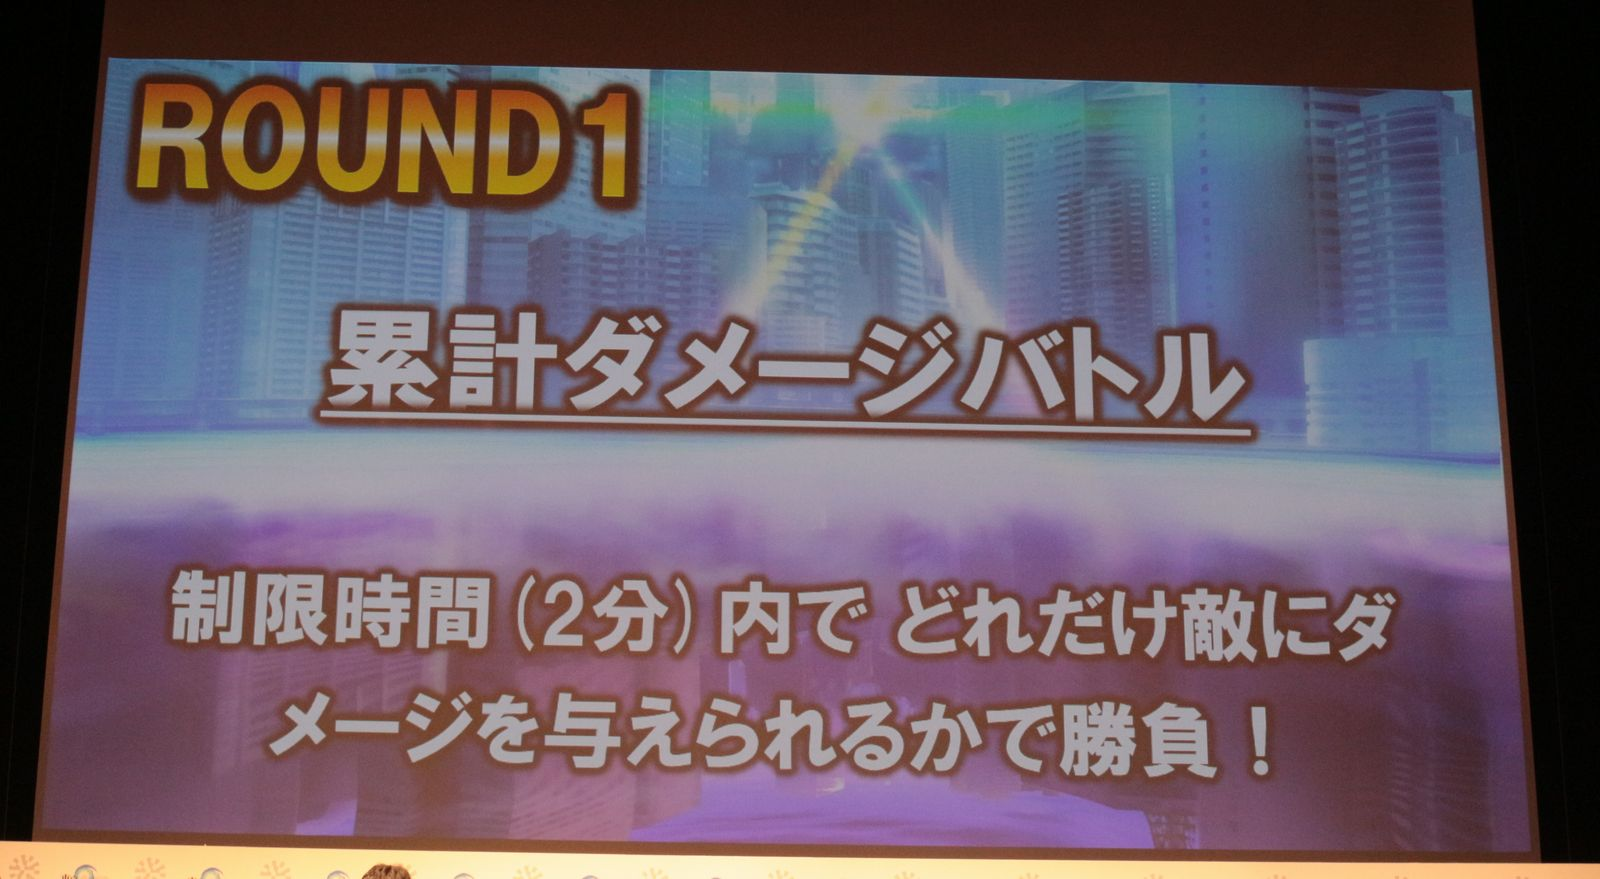 『東京コンセプション』は10月中旬リリース!富士葵&ときのそらとのコラボも決定!